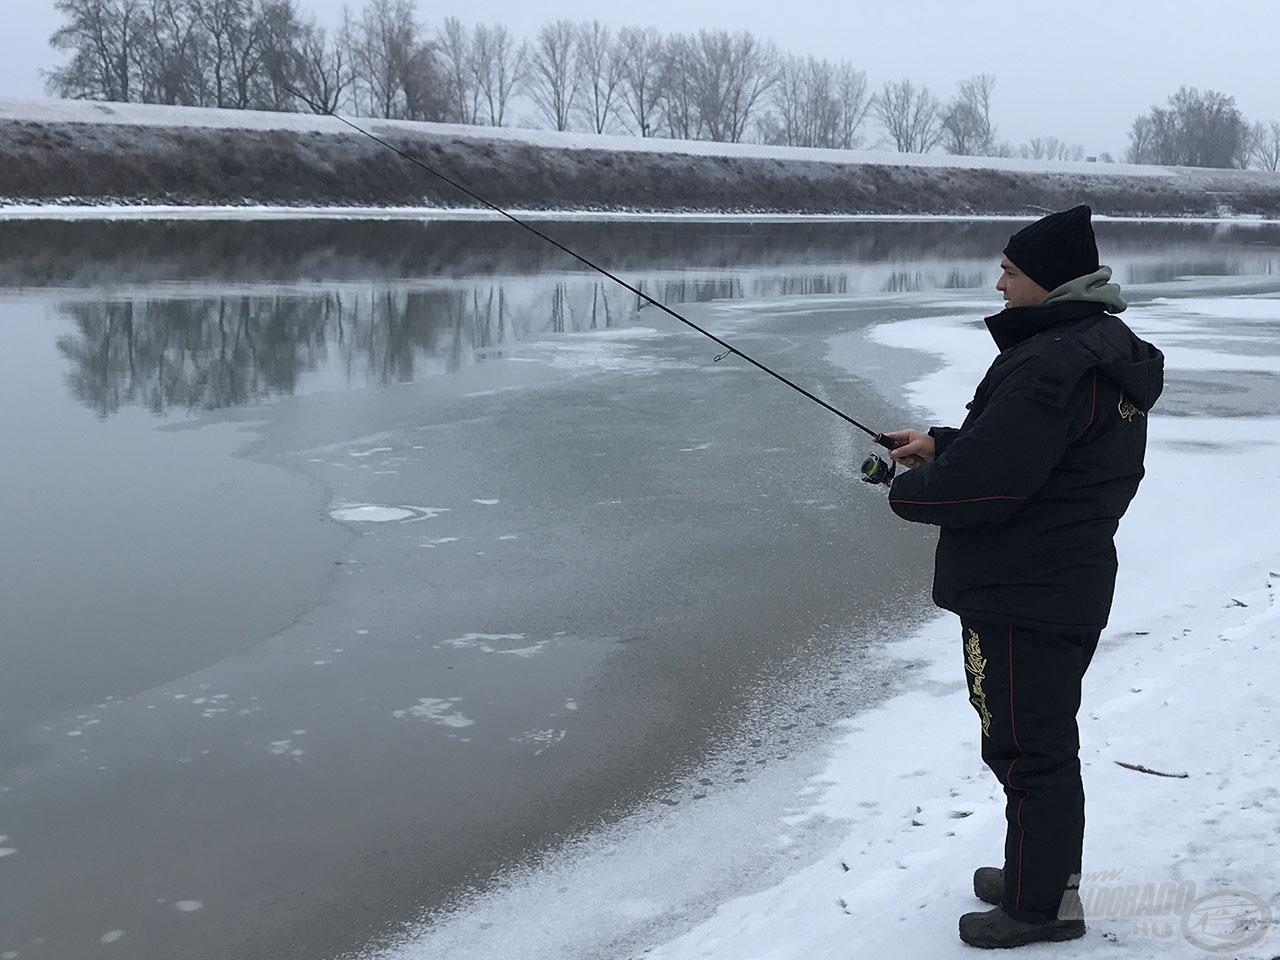 Itt lehetett dobálni, bár halat nem érintettünk